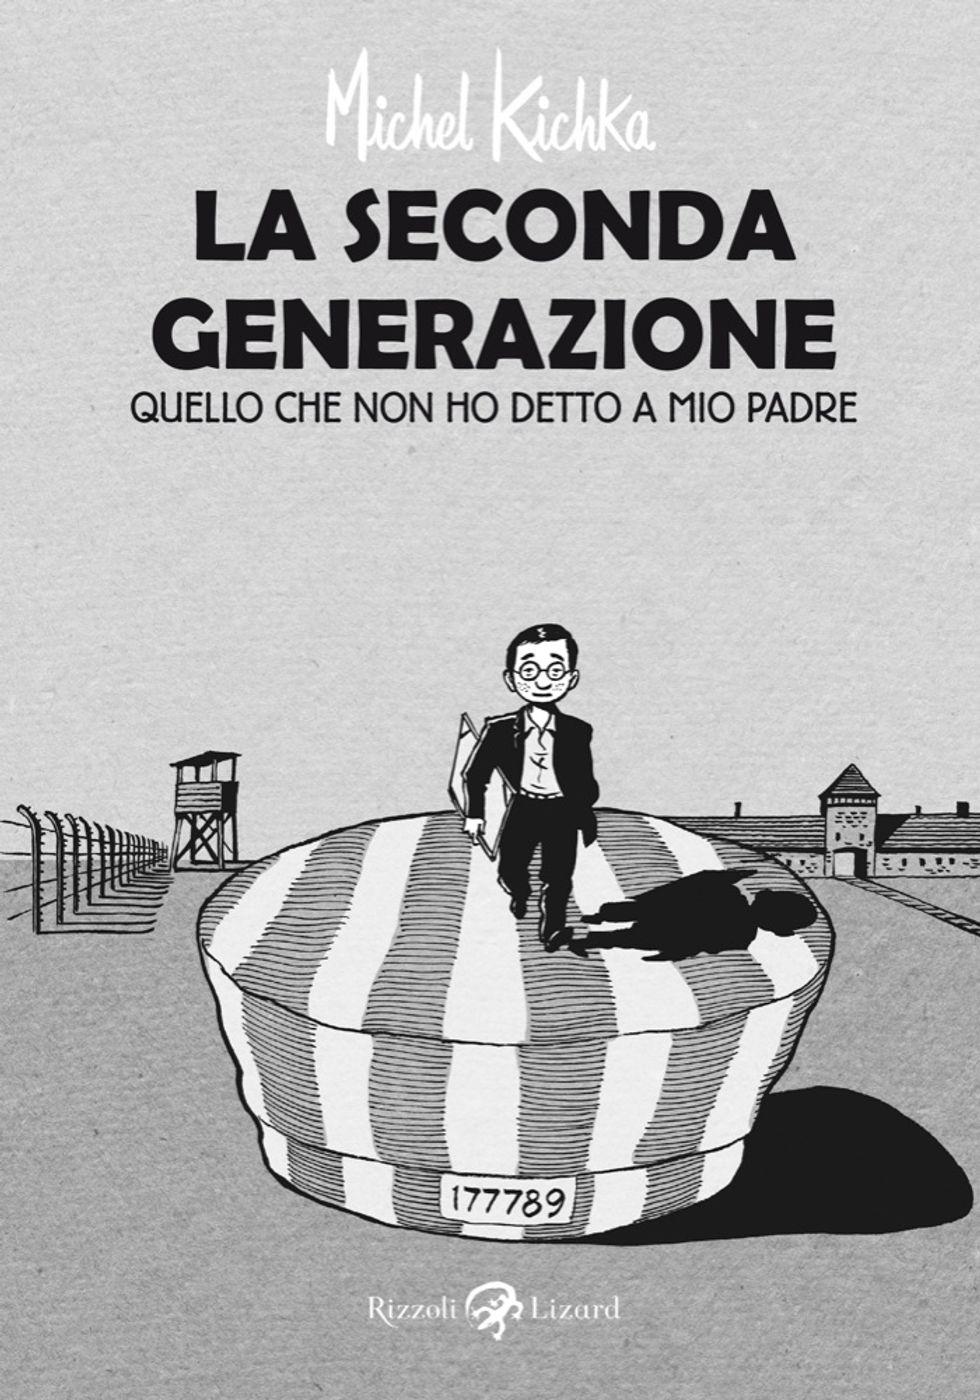 Giornata della memoria: la parola alla seconda generazione